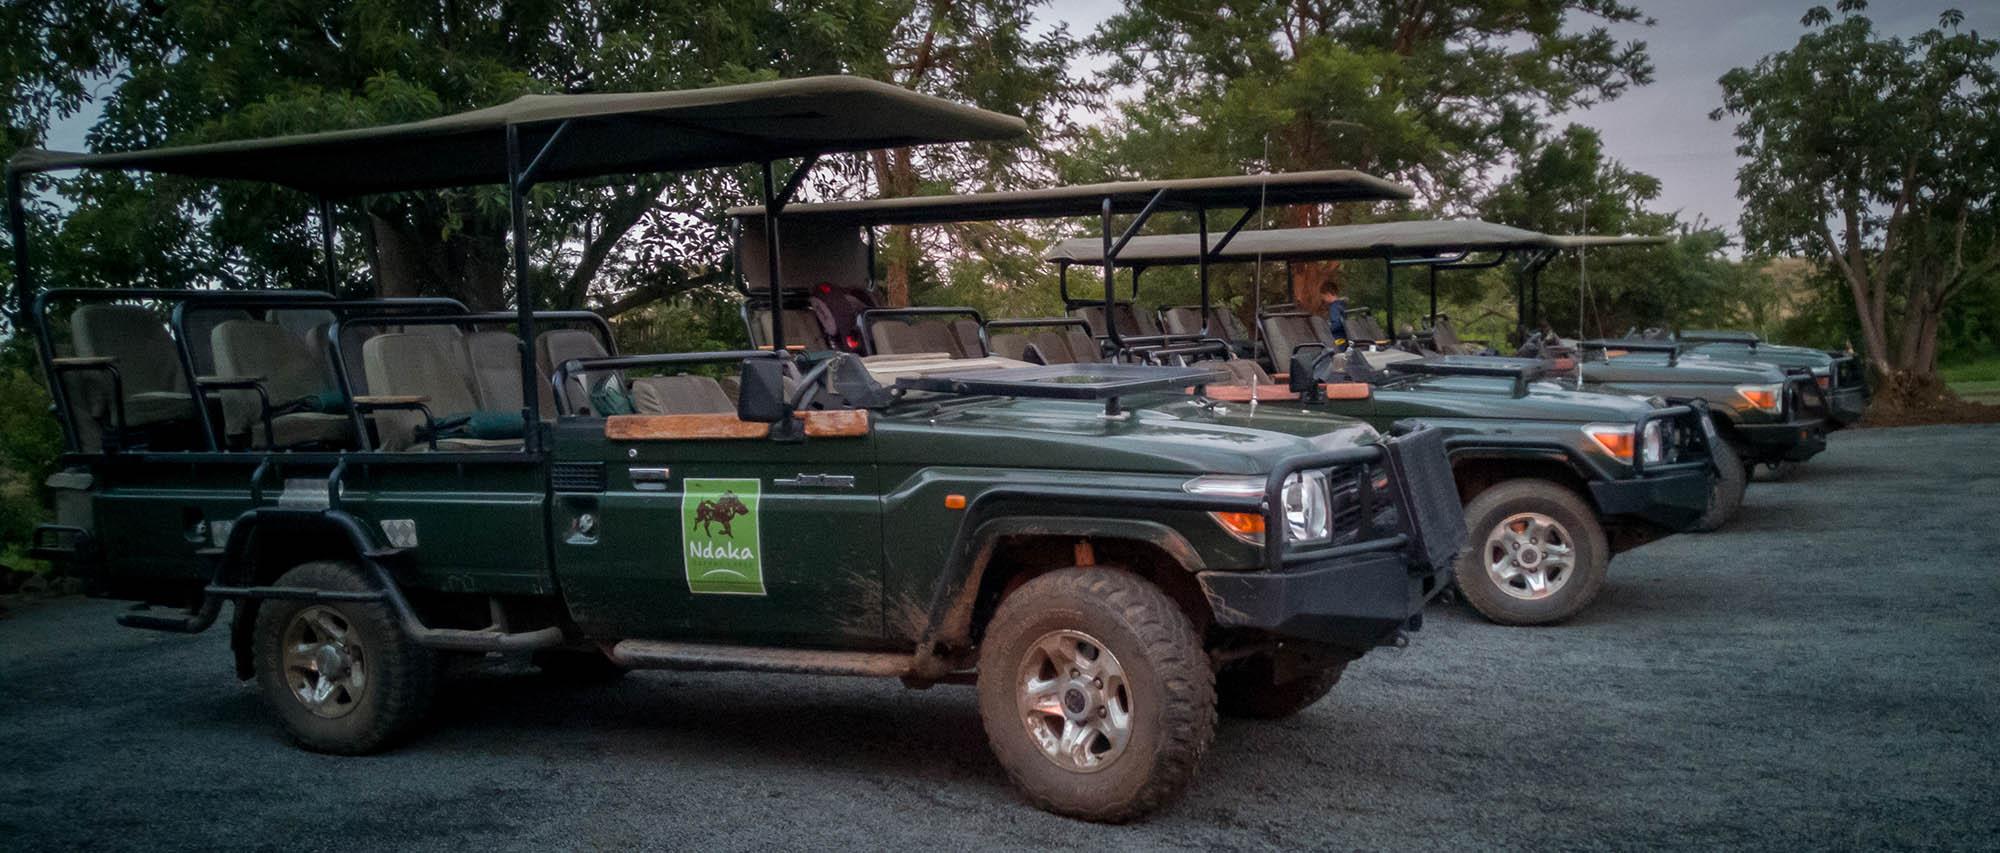 Ndaka safari lodge - safari vehicles